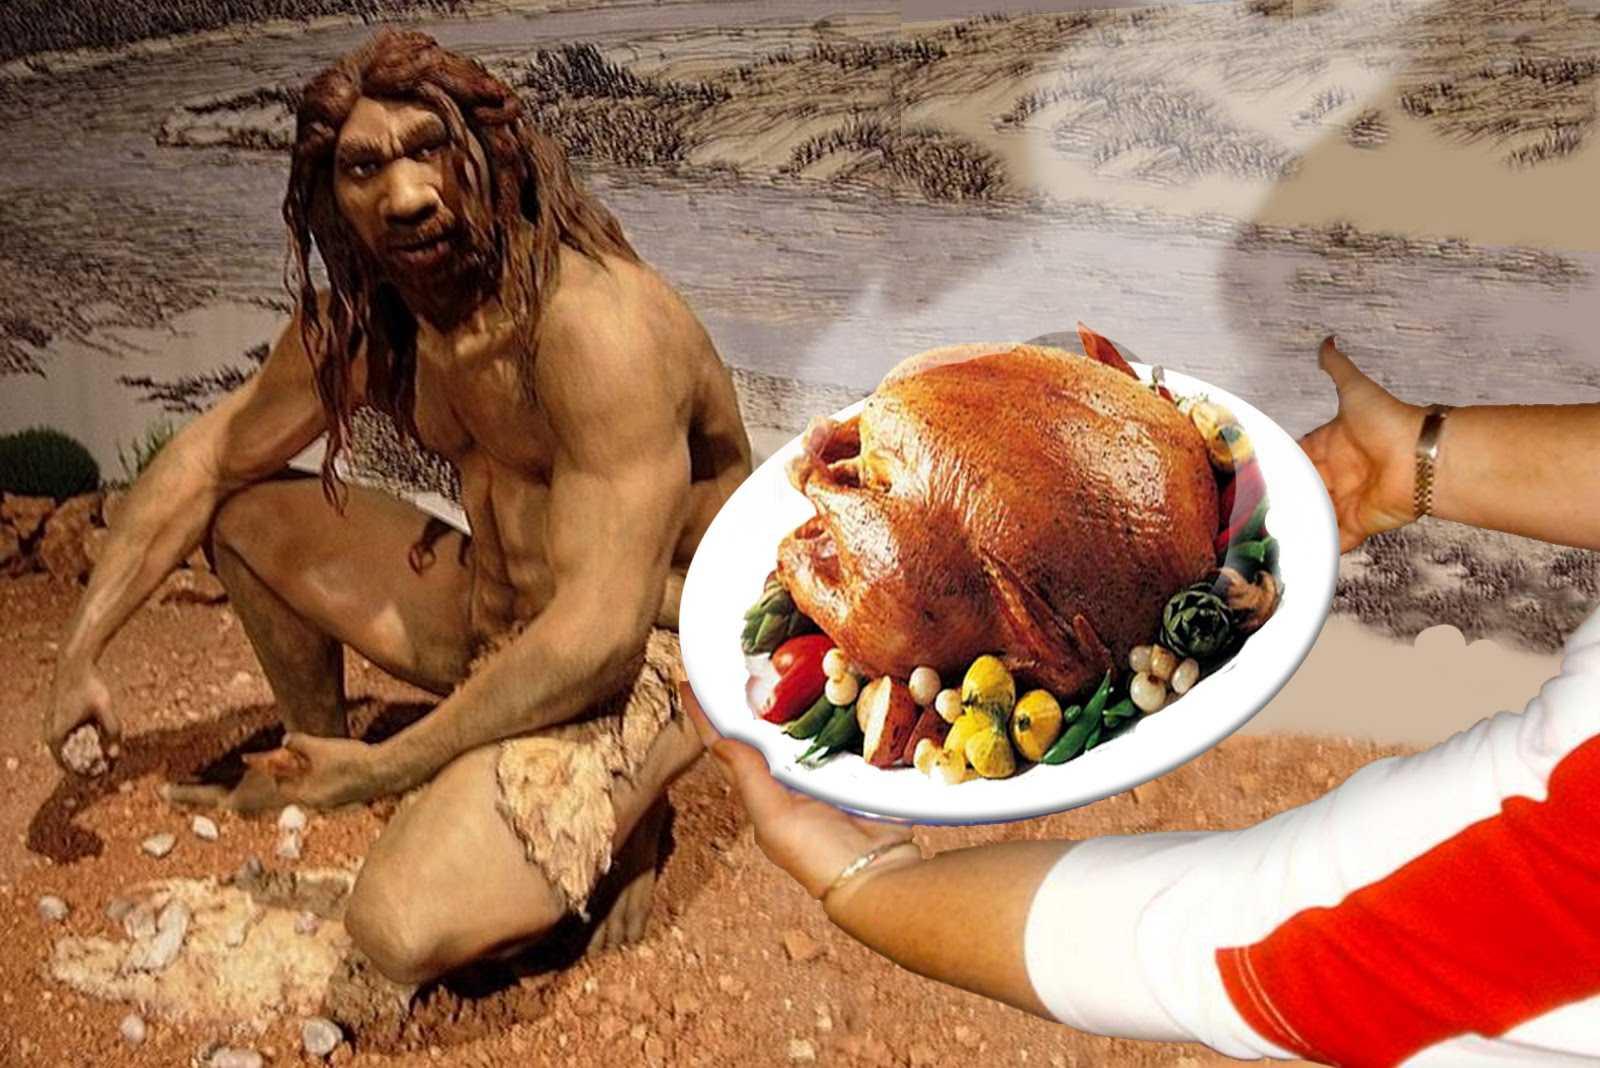 Cavemen diet on anvil?